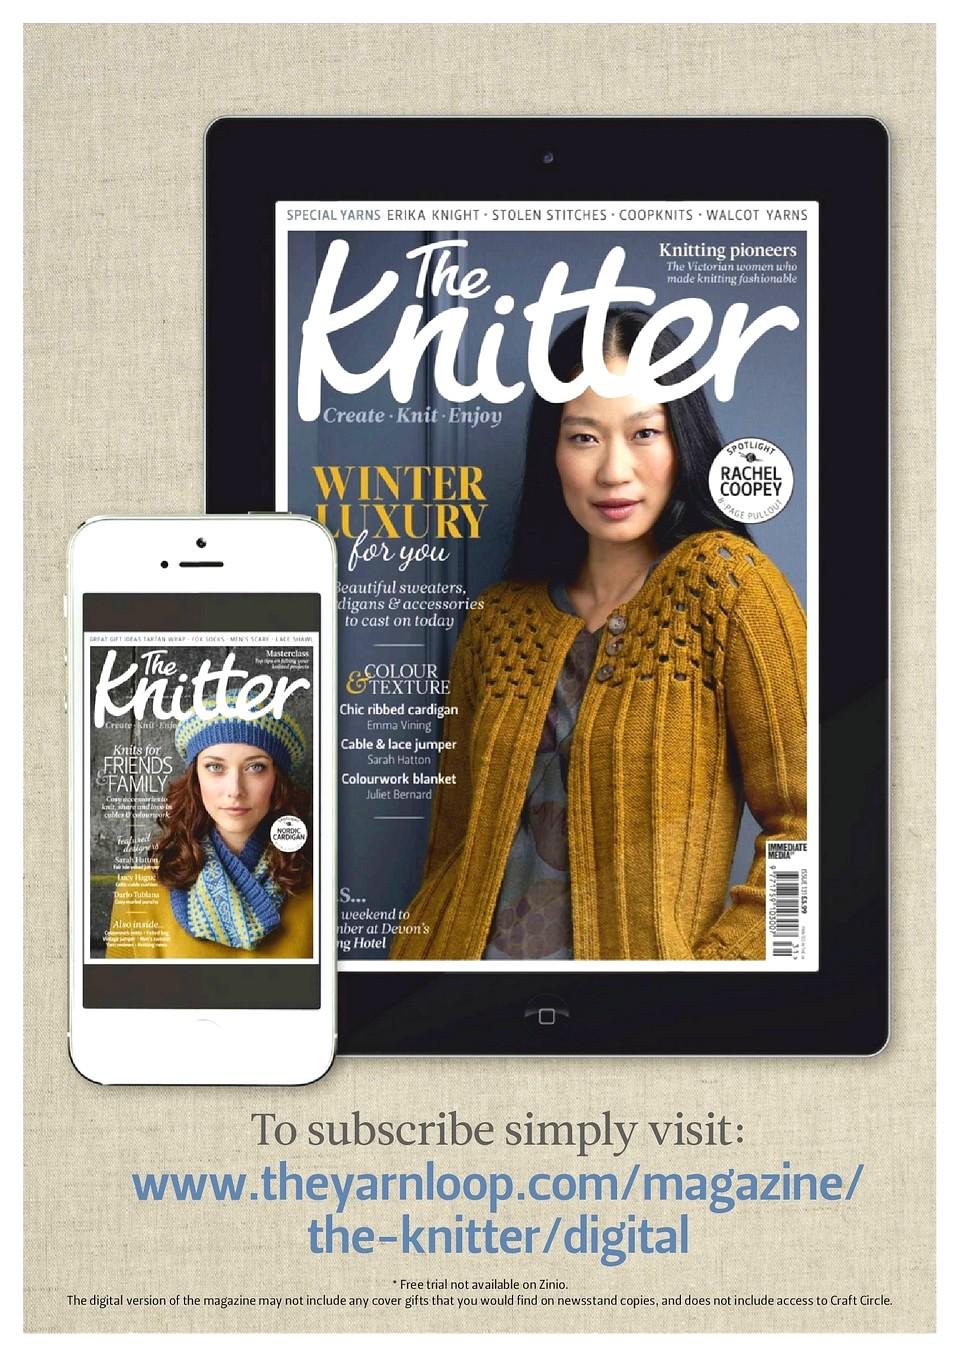 132The-Knitter-024